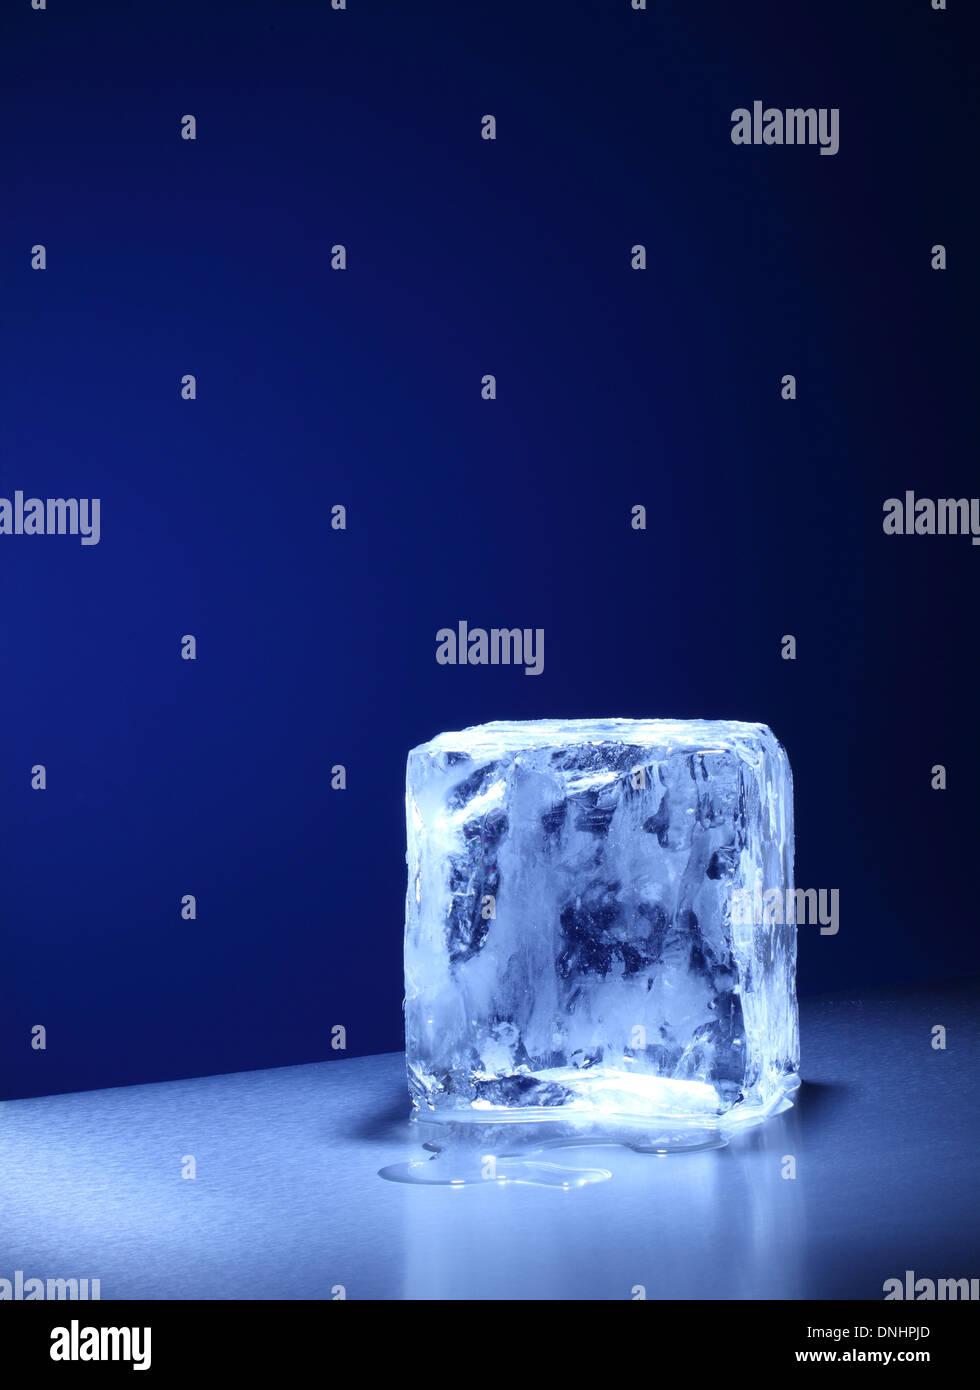 Ein großer quadratischer Würfel / Eisblock langsam schmelzen. Stockbild